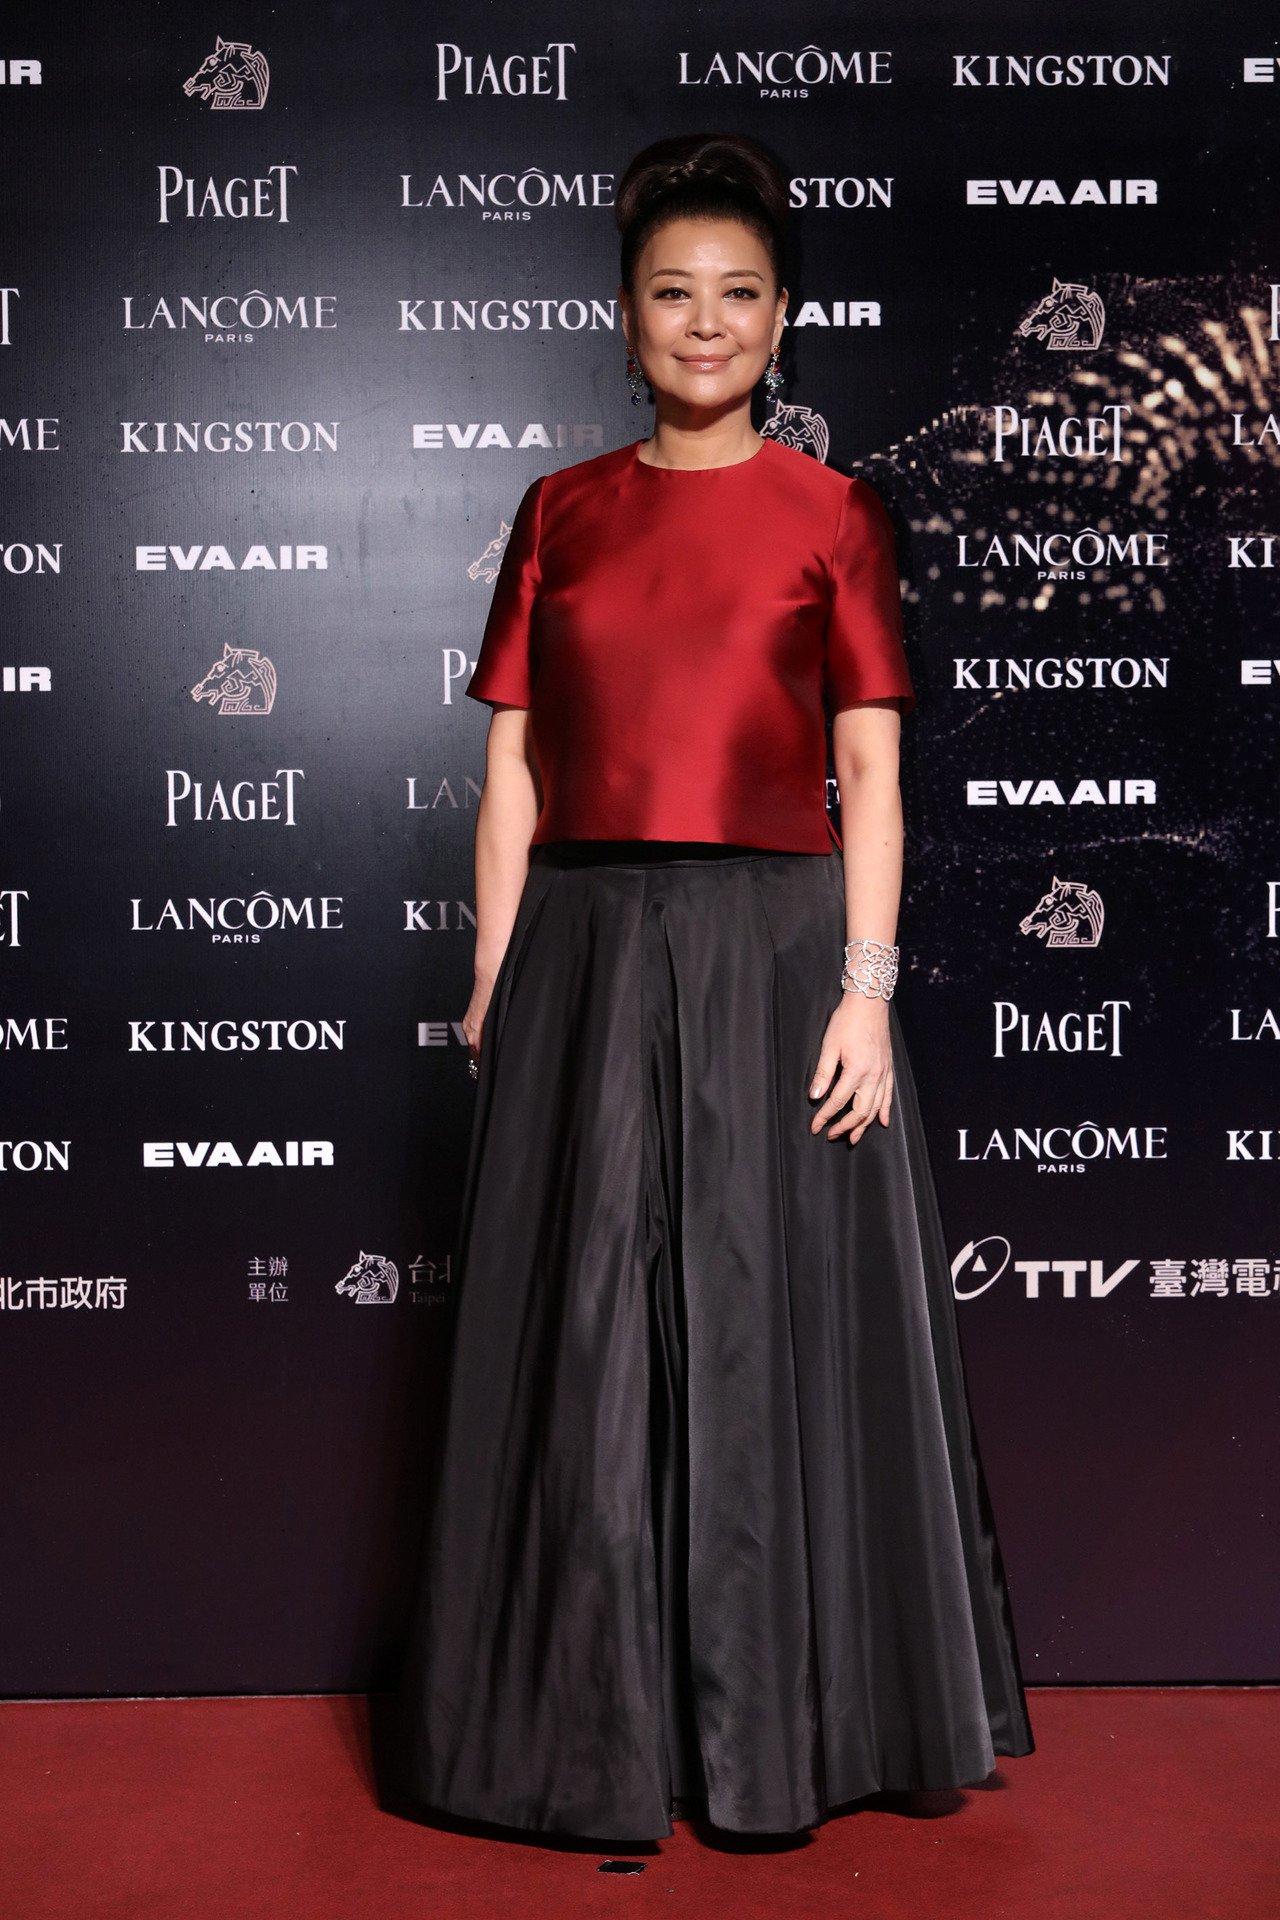 2015年金馬52時金燕玲配戴伯爵珠寶,並以《踏雪尋梅》該角色獲得次年香港金像獎...